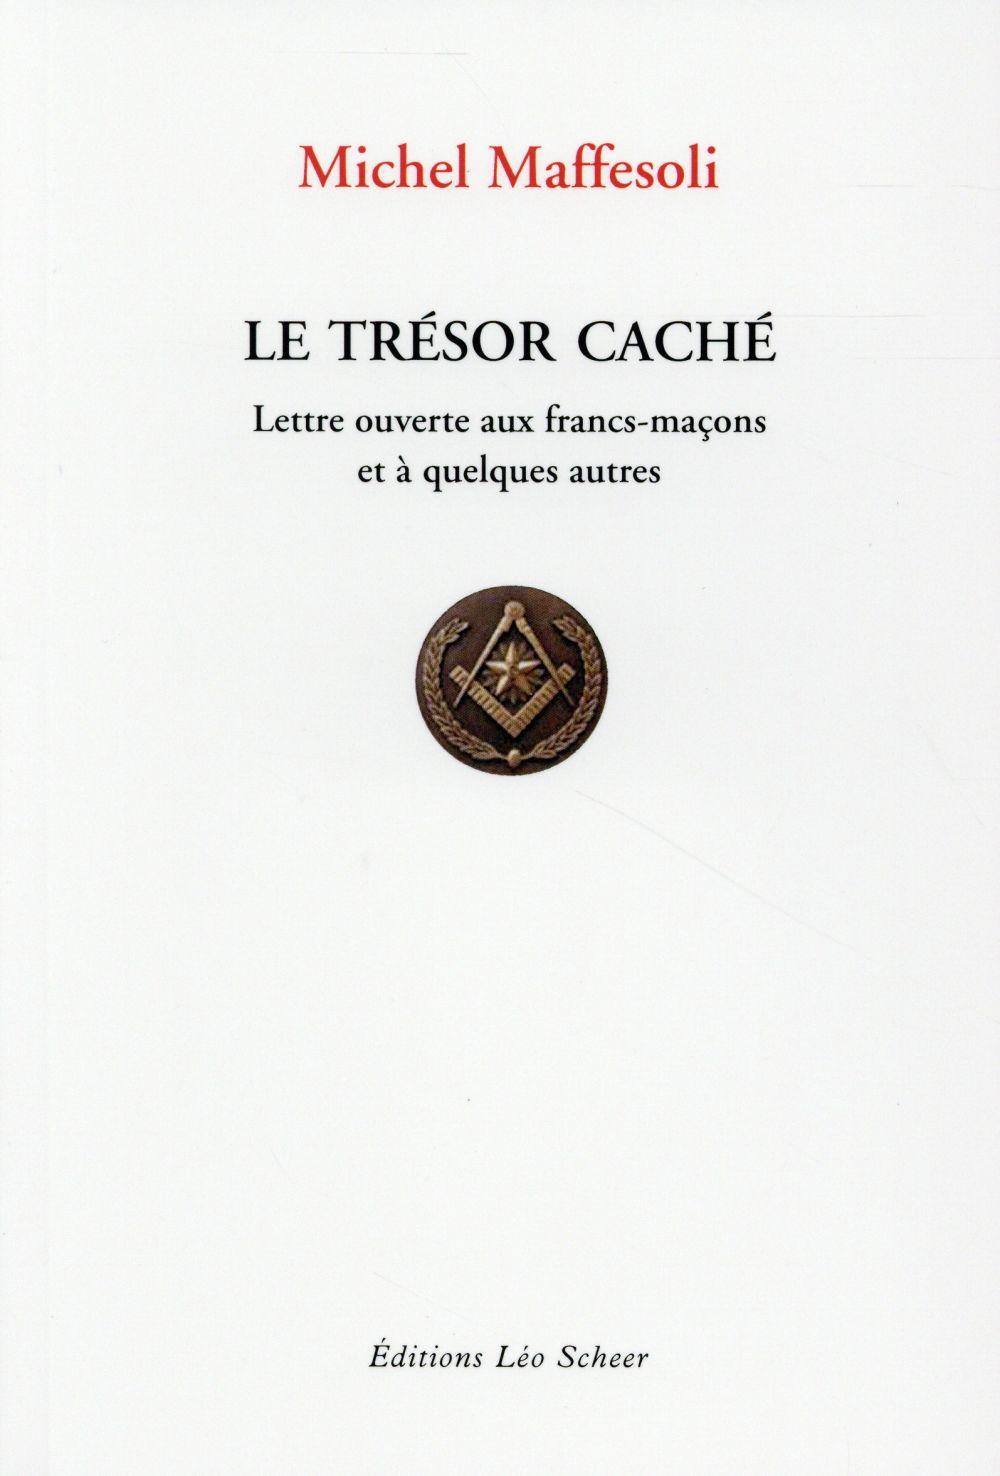 Le trésor caché ; lettre ouverte aux francs-maçons et à quelques autres